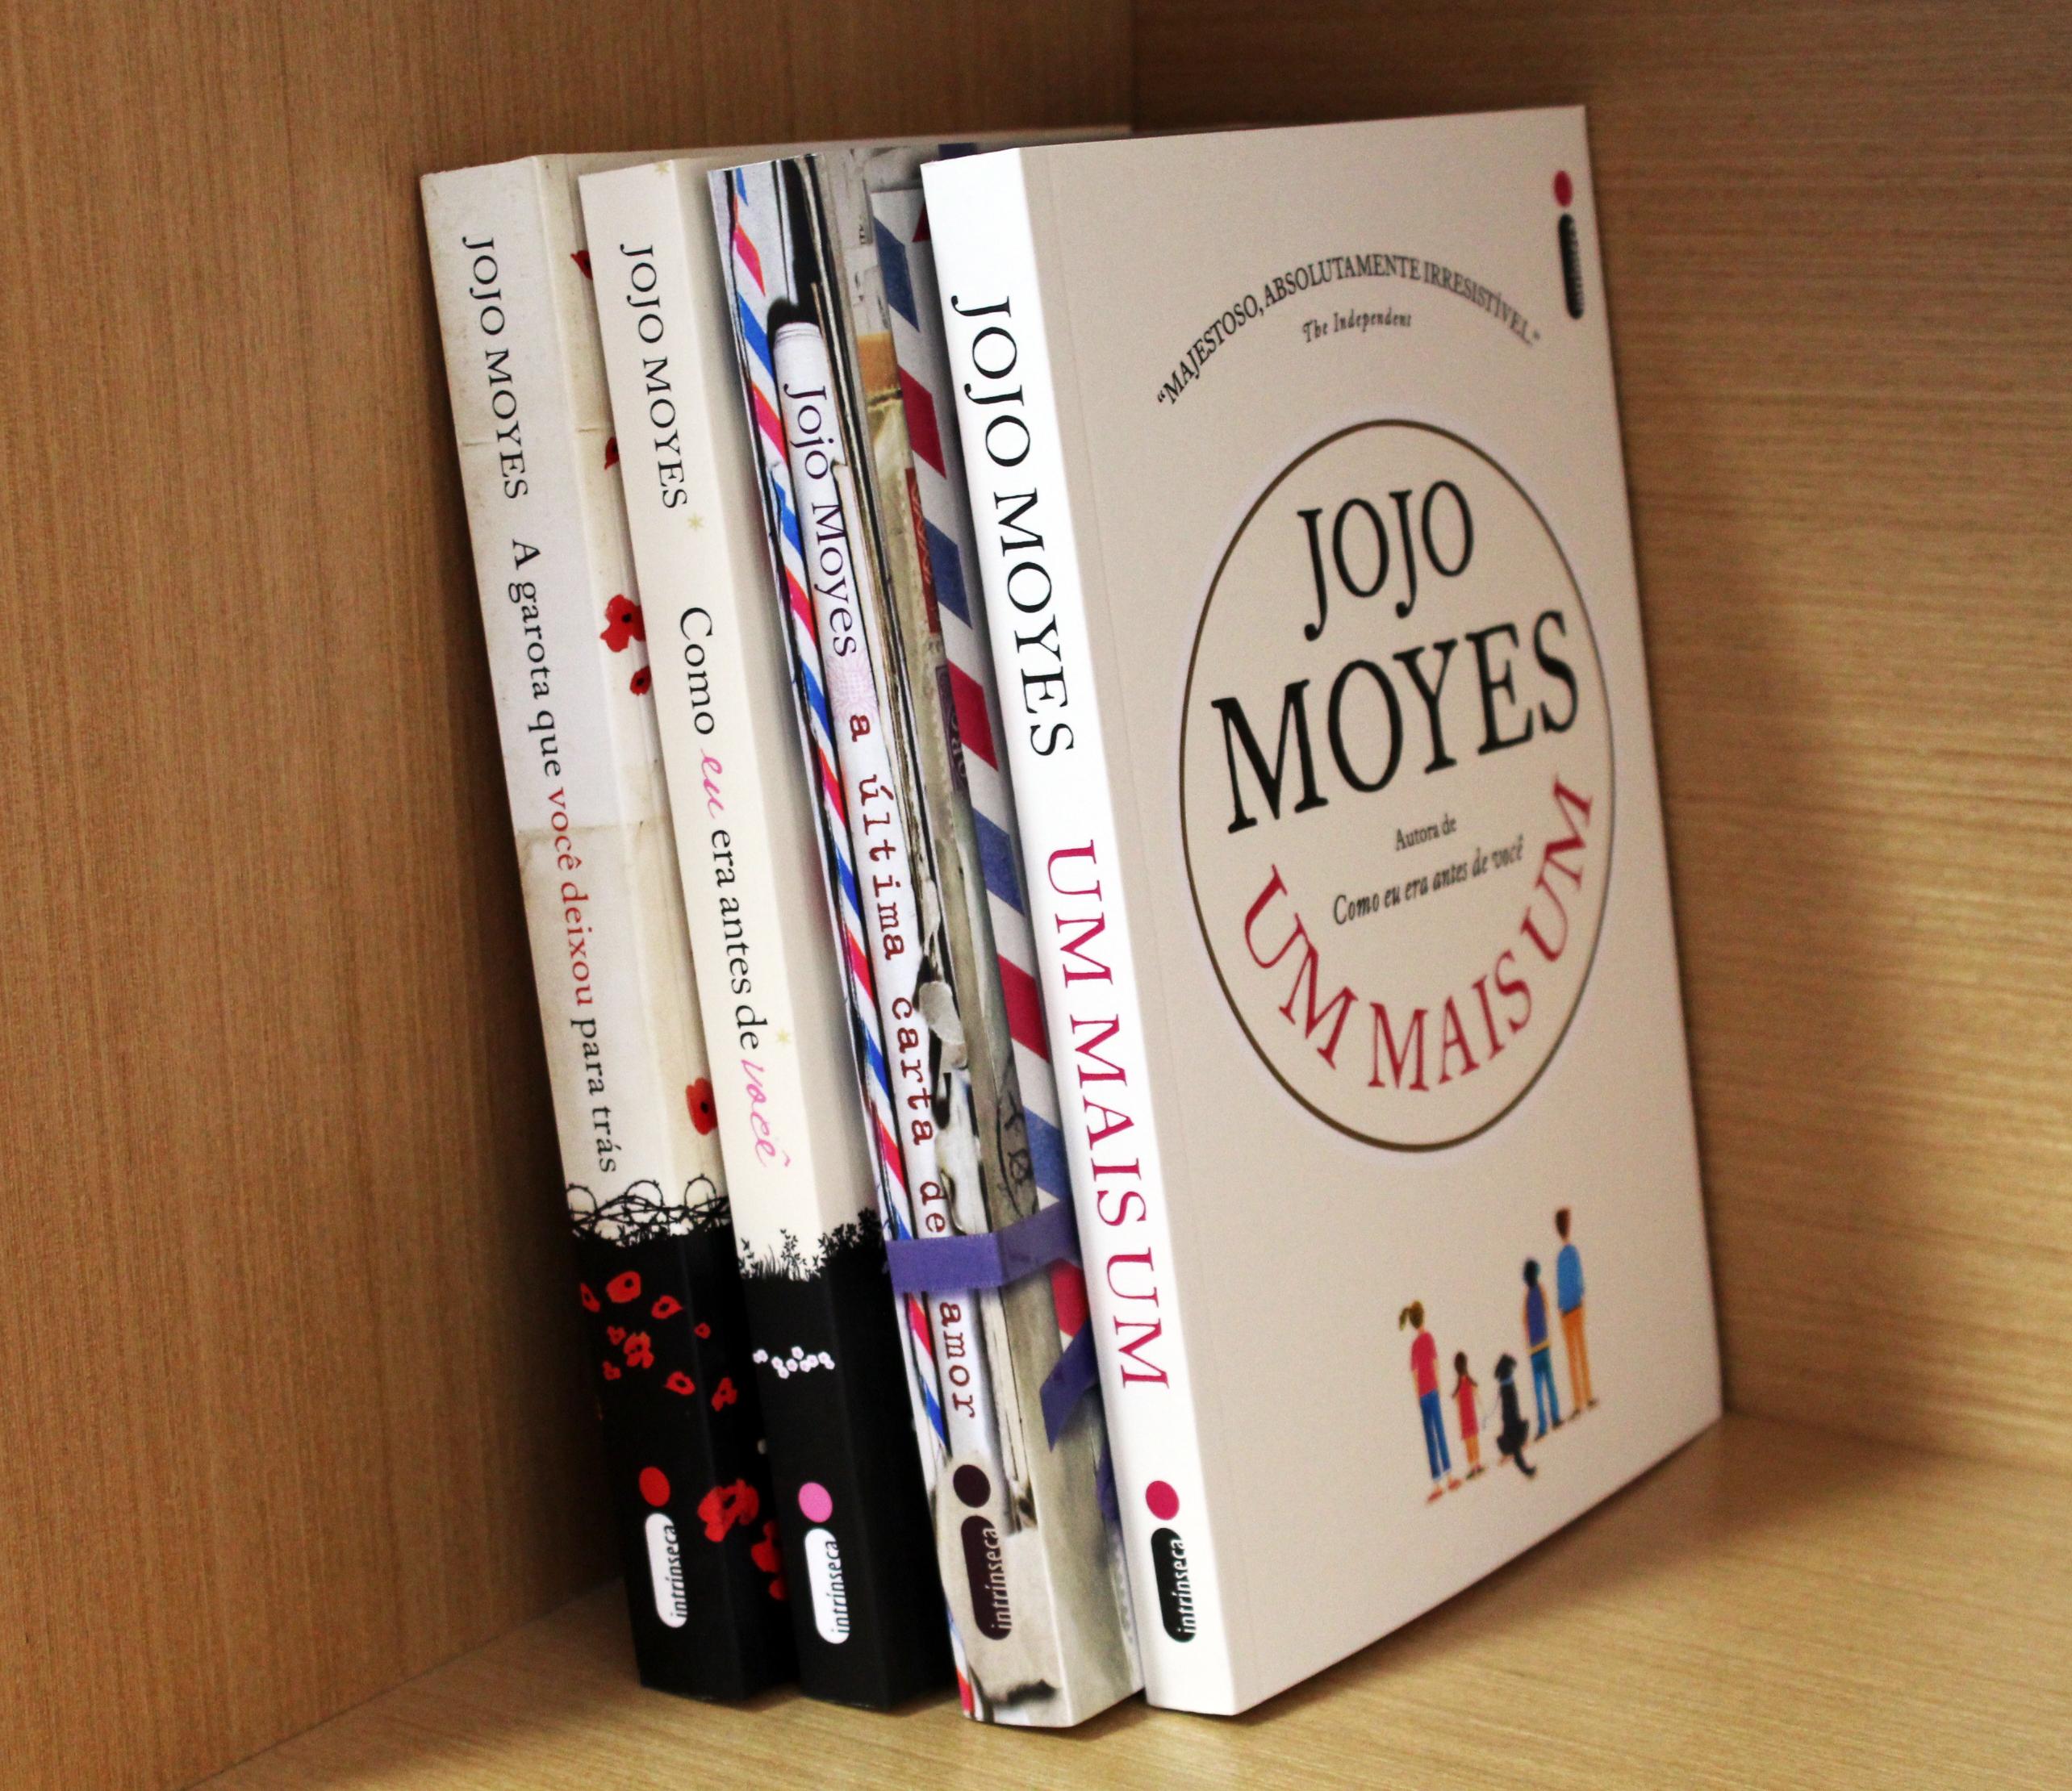 Foto_livros_jojo_facebook